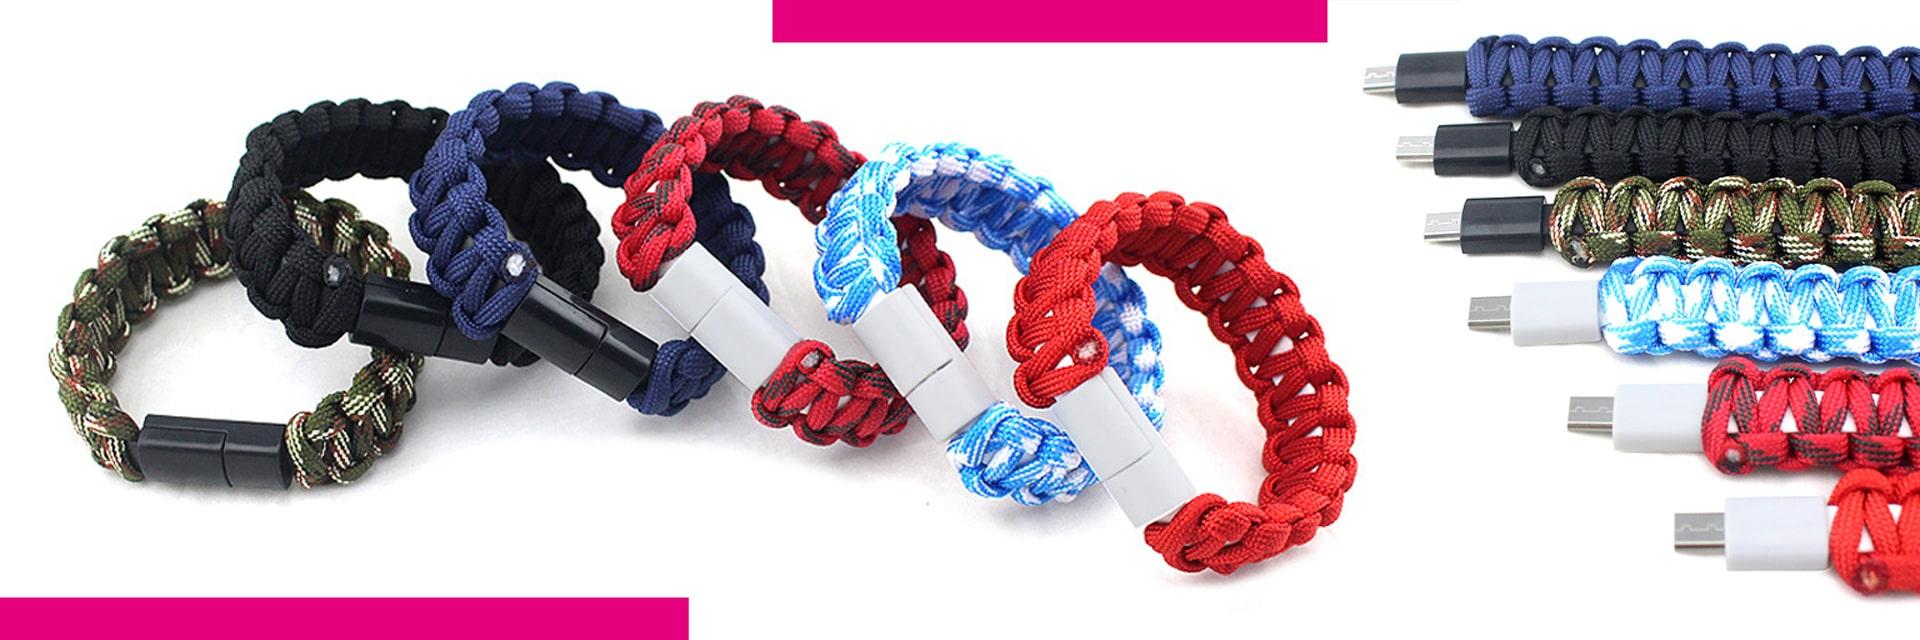 E-Shopper Armband Chargeband Nylong